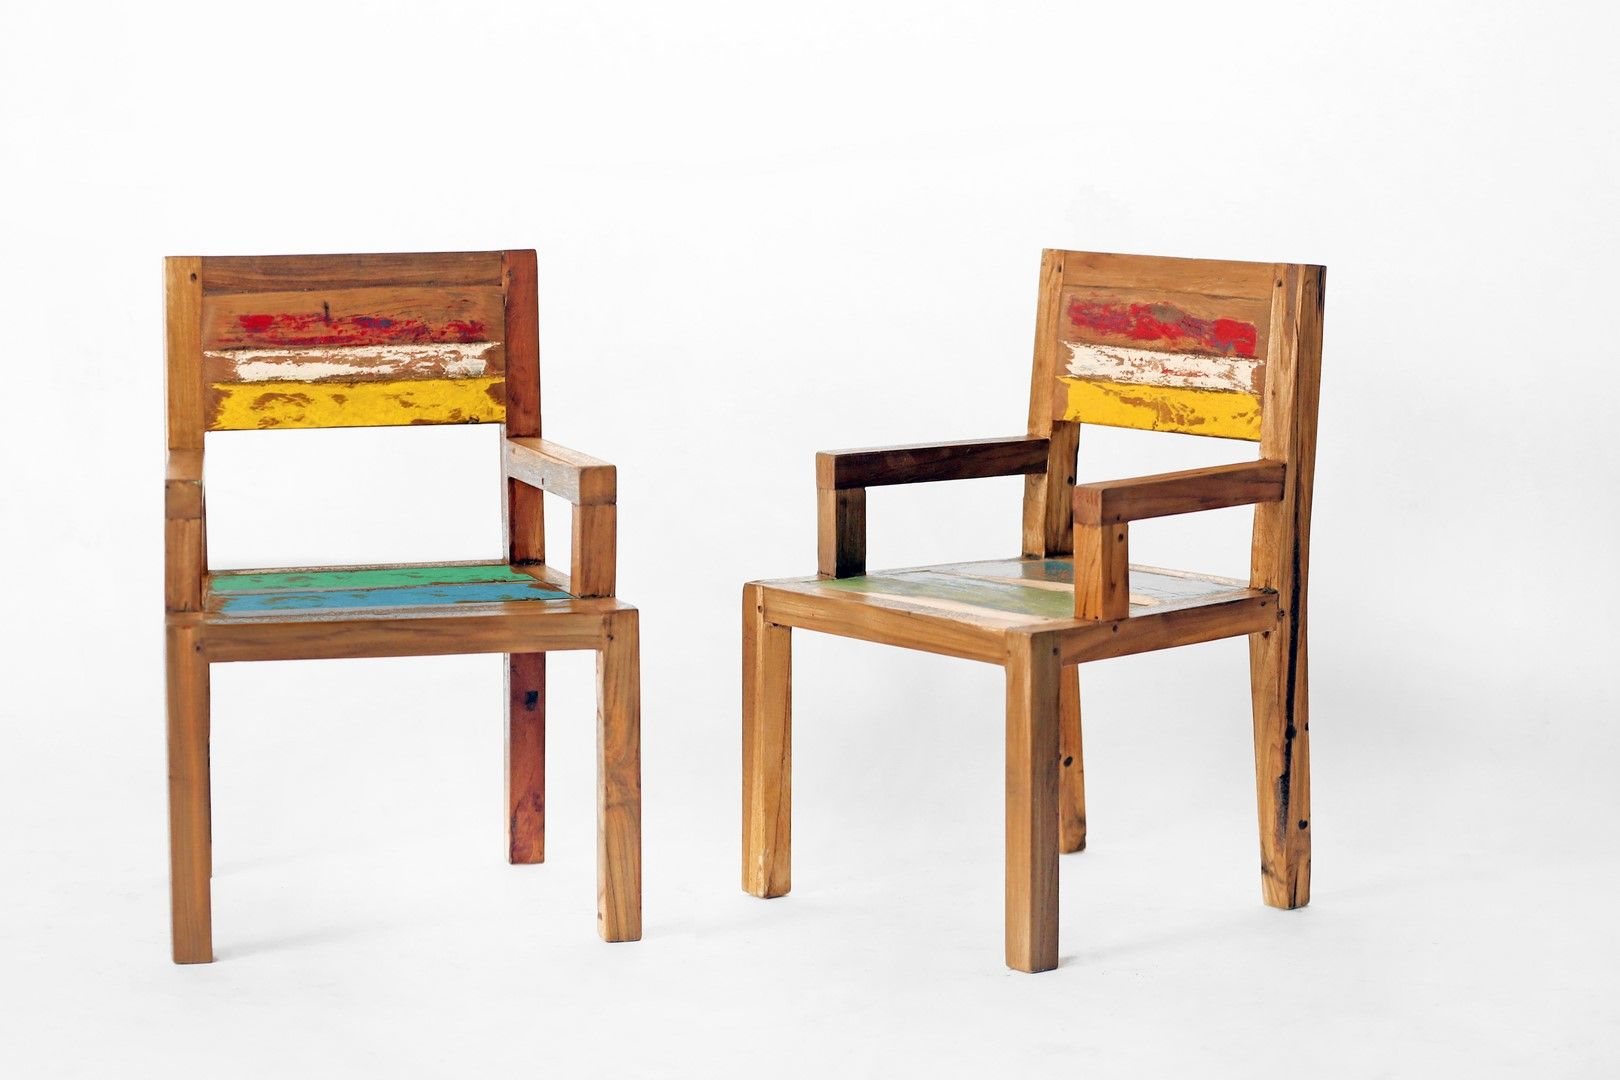 Chaise Enfant En Bois De Bateaux De Java Recycle Bois Massif Modele Unique Meuble D Interieur Ou Exterieur Couver Outdoor Furniture Outdoor Chairs Furniture